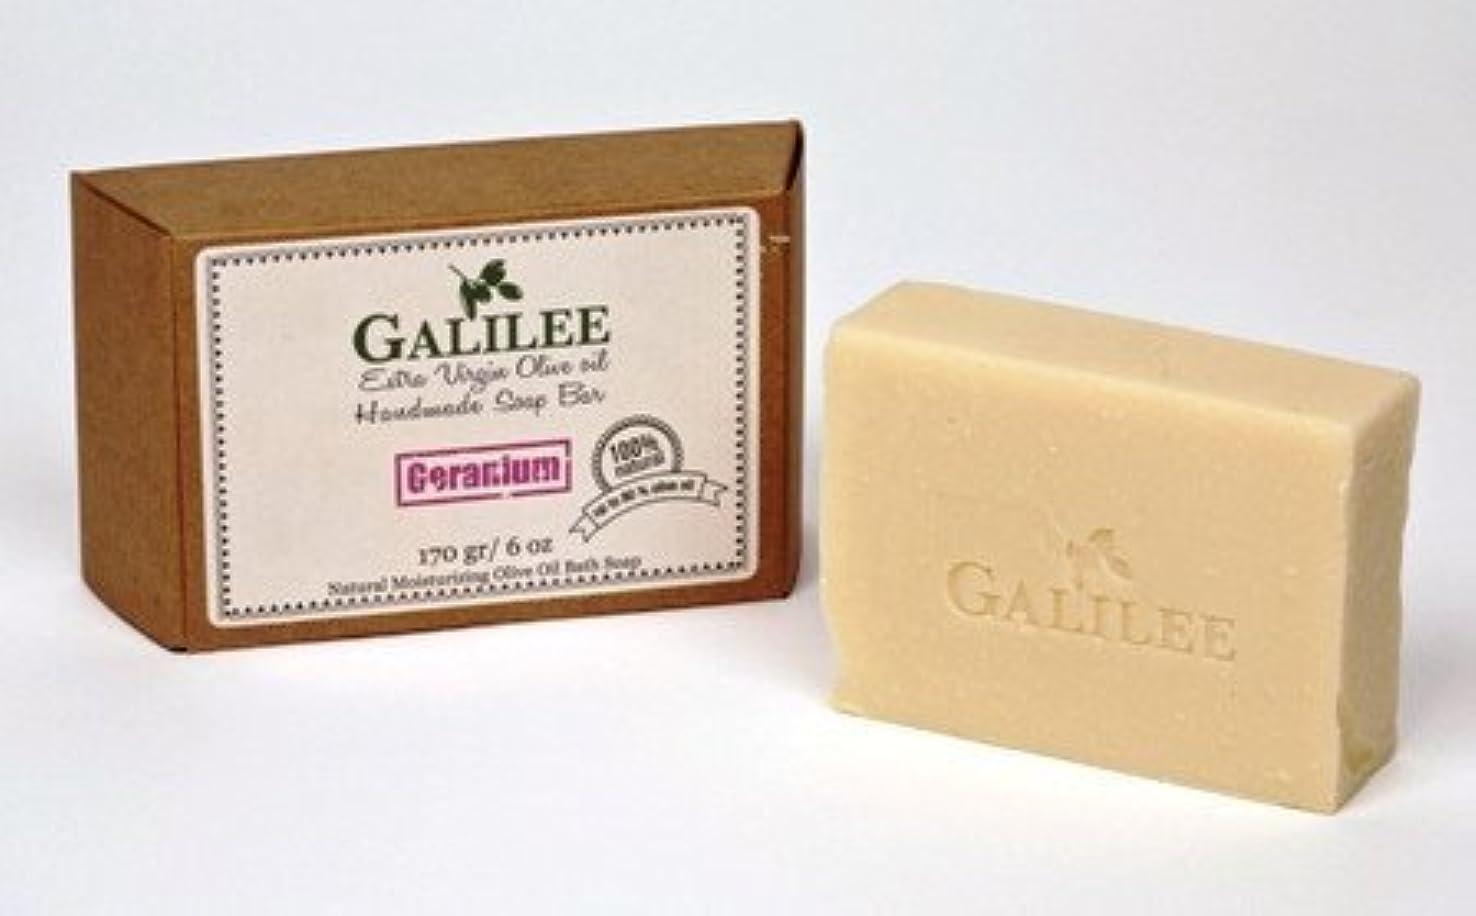 余剰前部肩をすくめるGalilee Magic ガリラヤオリーブオイルソープバー 3.5oz レモングラスオリーブオイル